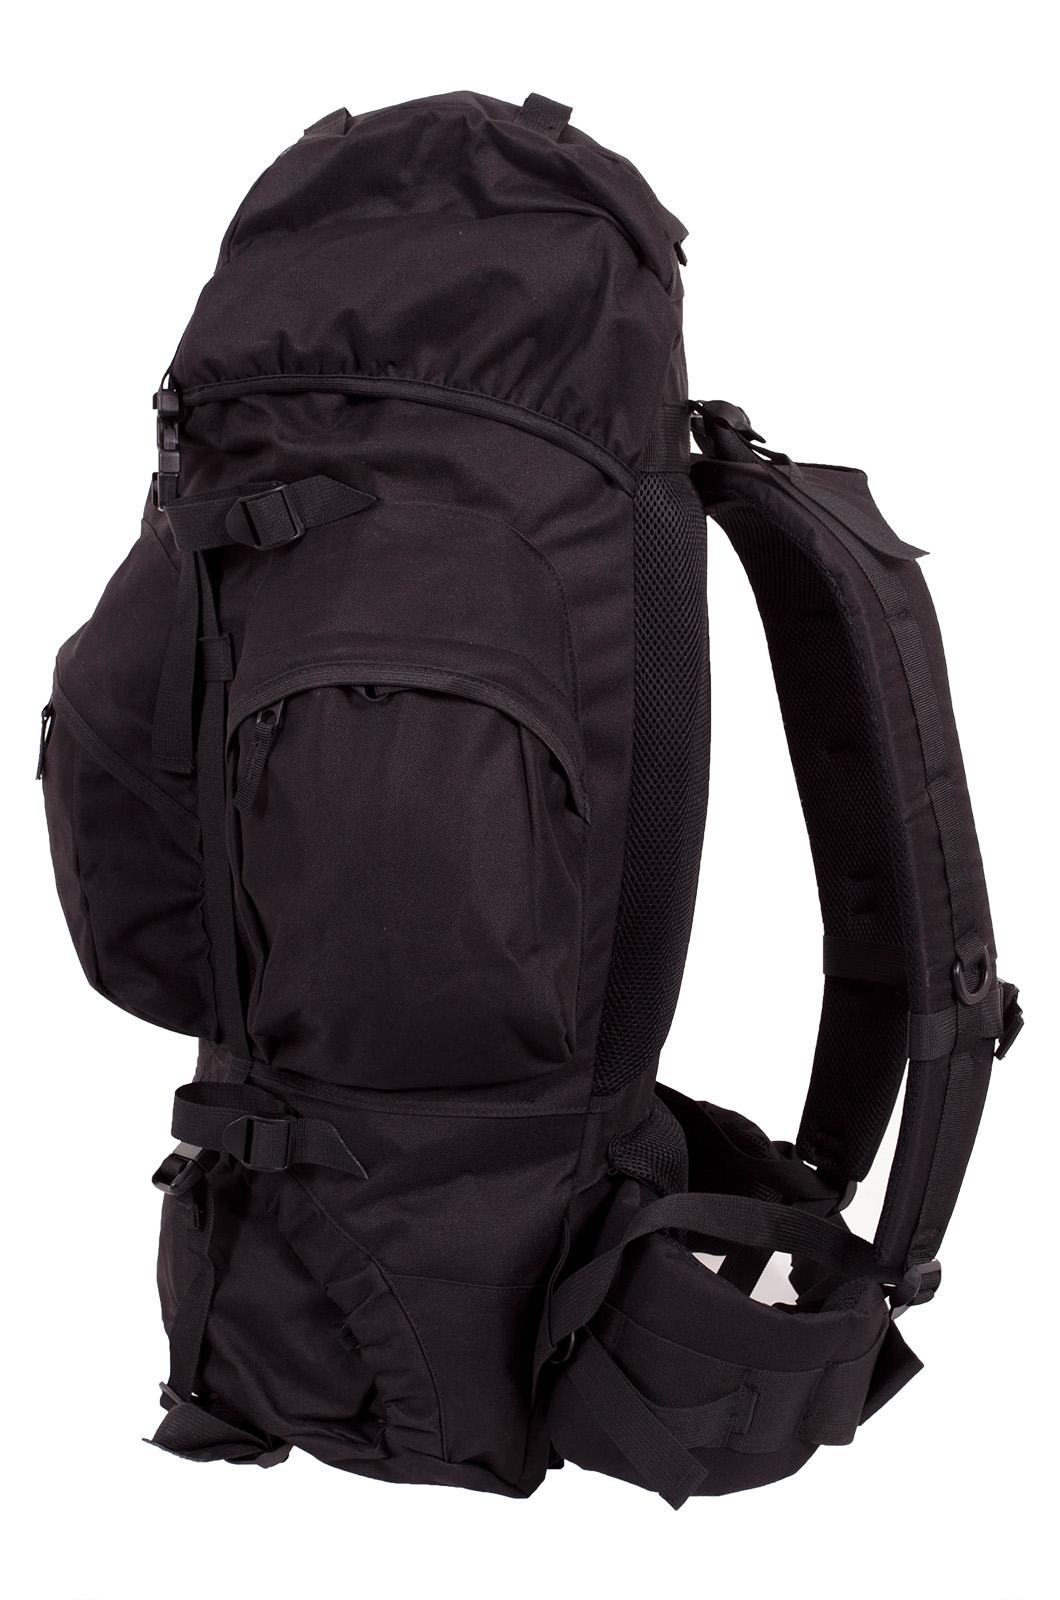 Черный многодневный рюкзак с нашивкой Потомственный Казак - купить оптом